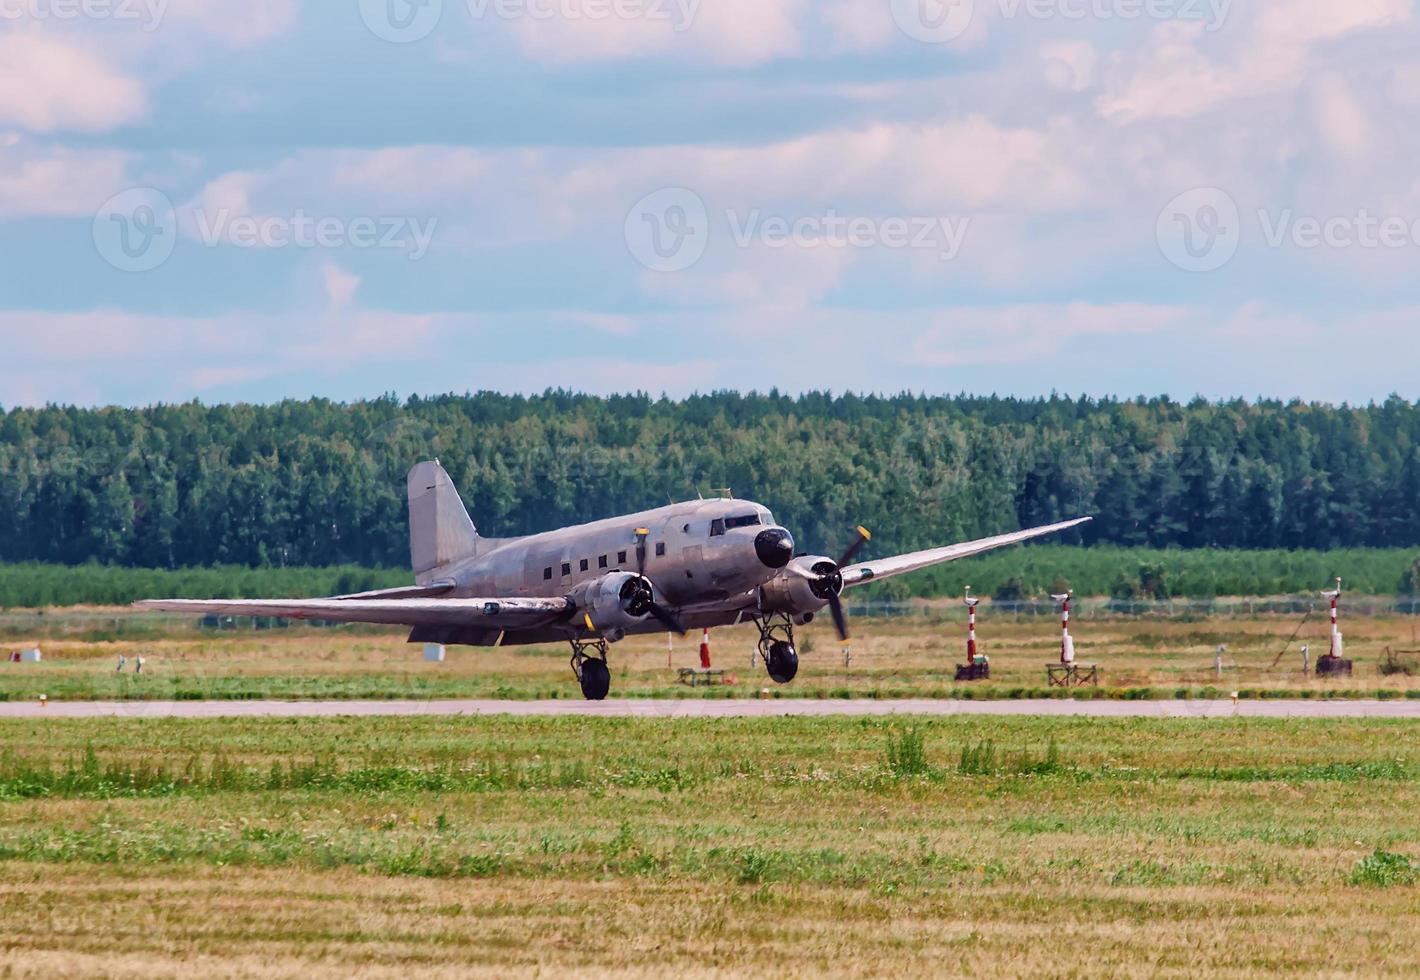 Douglas C 47 Transport altes Flugzeug an Bord der Landebahn foto